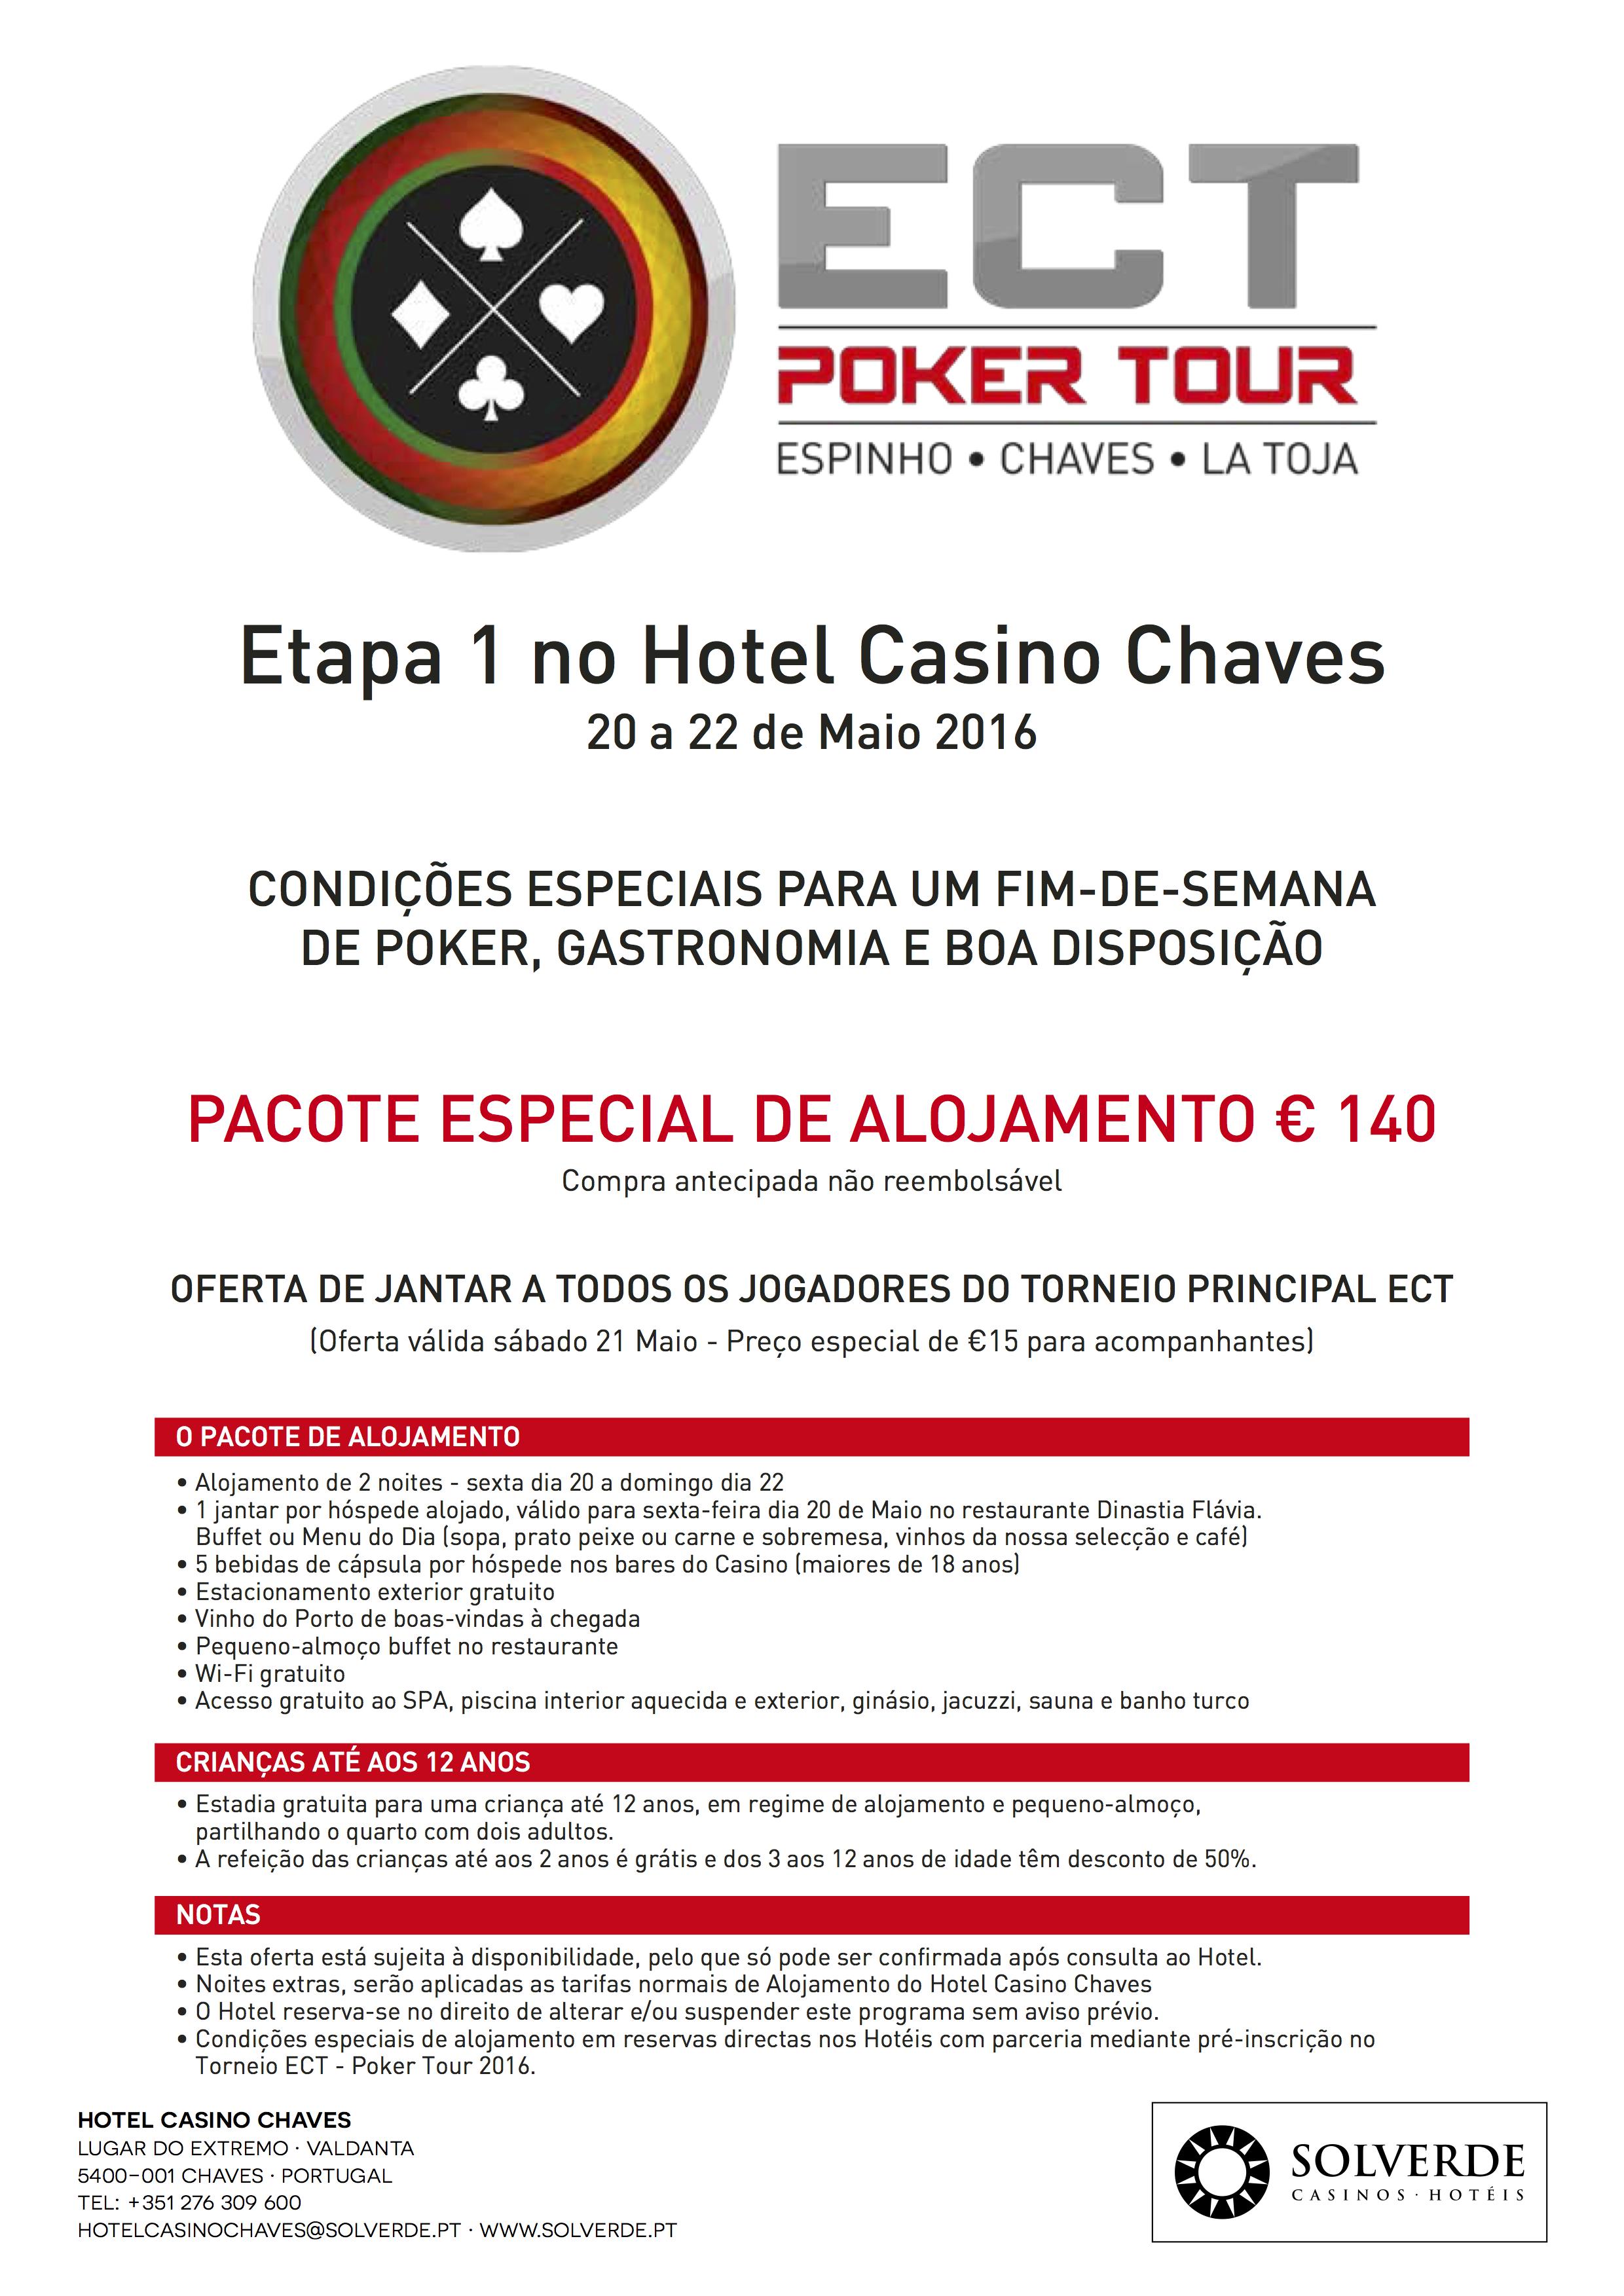 ECT Poker Tour 2016 - Etapa #1 de 20 a 22 de Maio no Hotel Casino Chaves 102